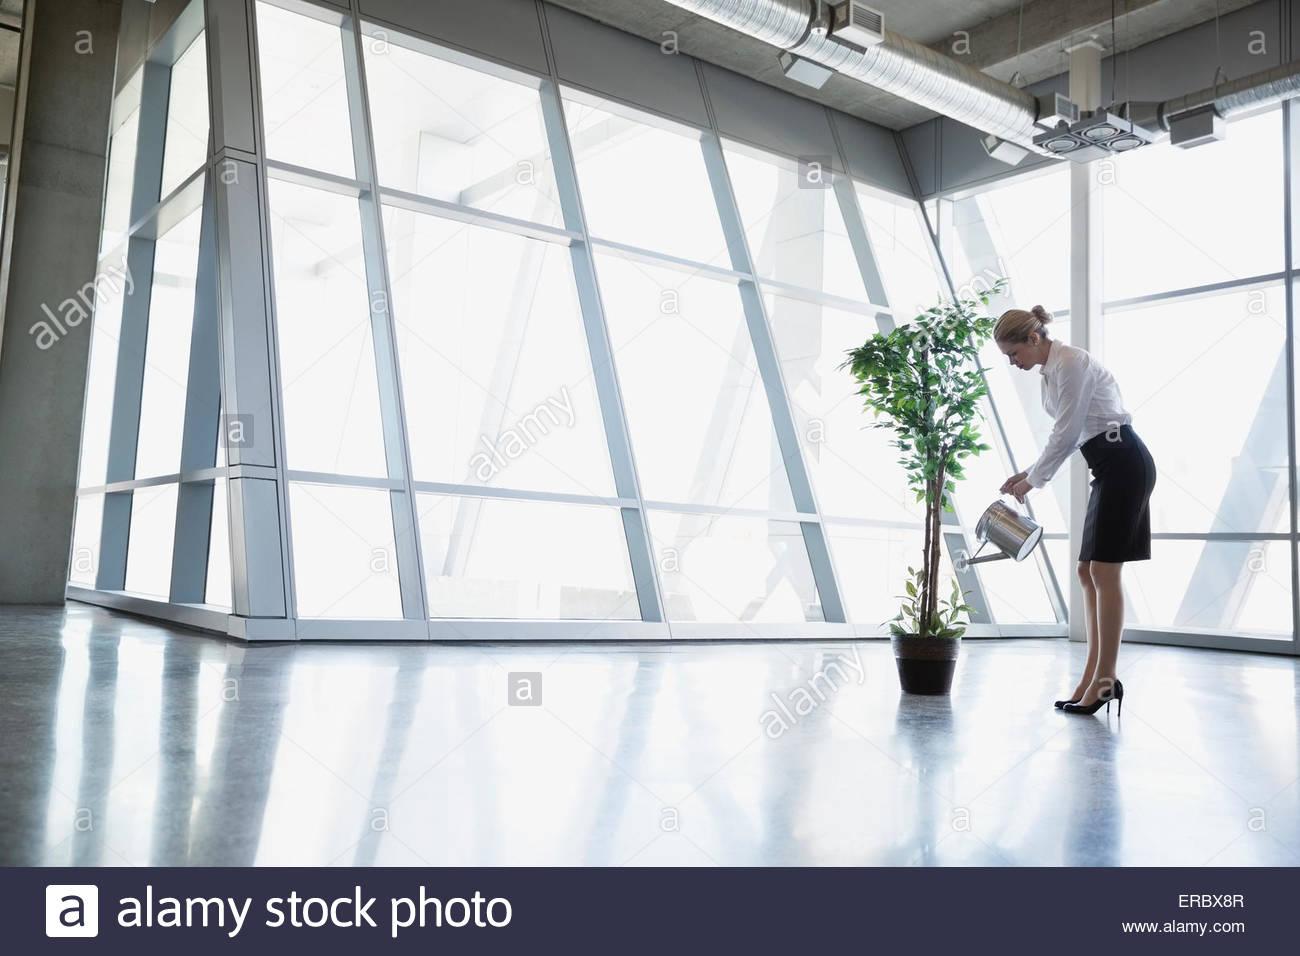 La empresaria de riego modernas oficinas en árboles en macetas Imagen De Stock